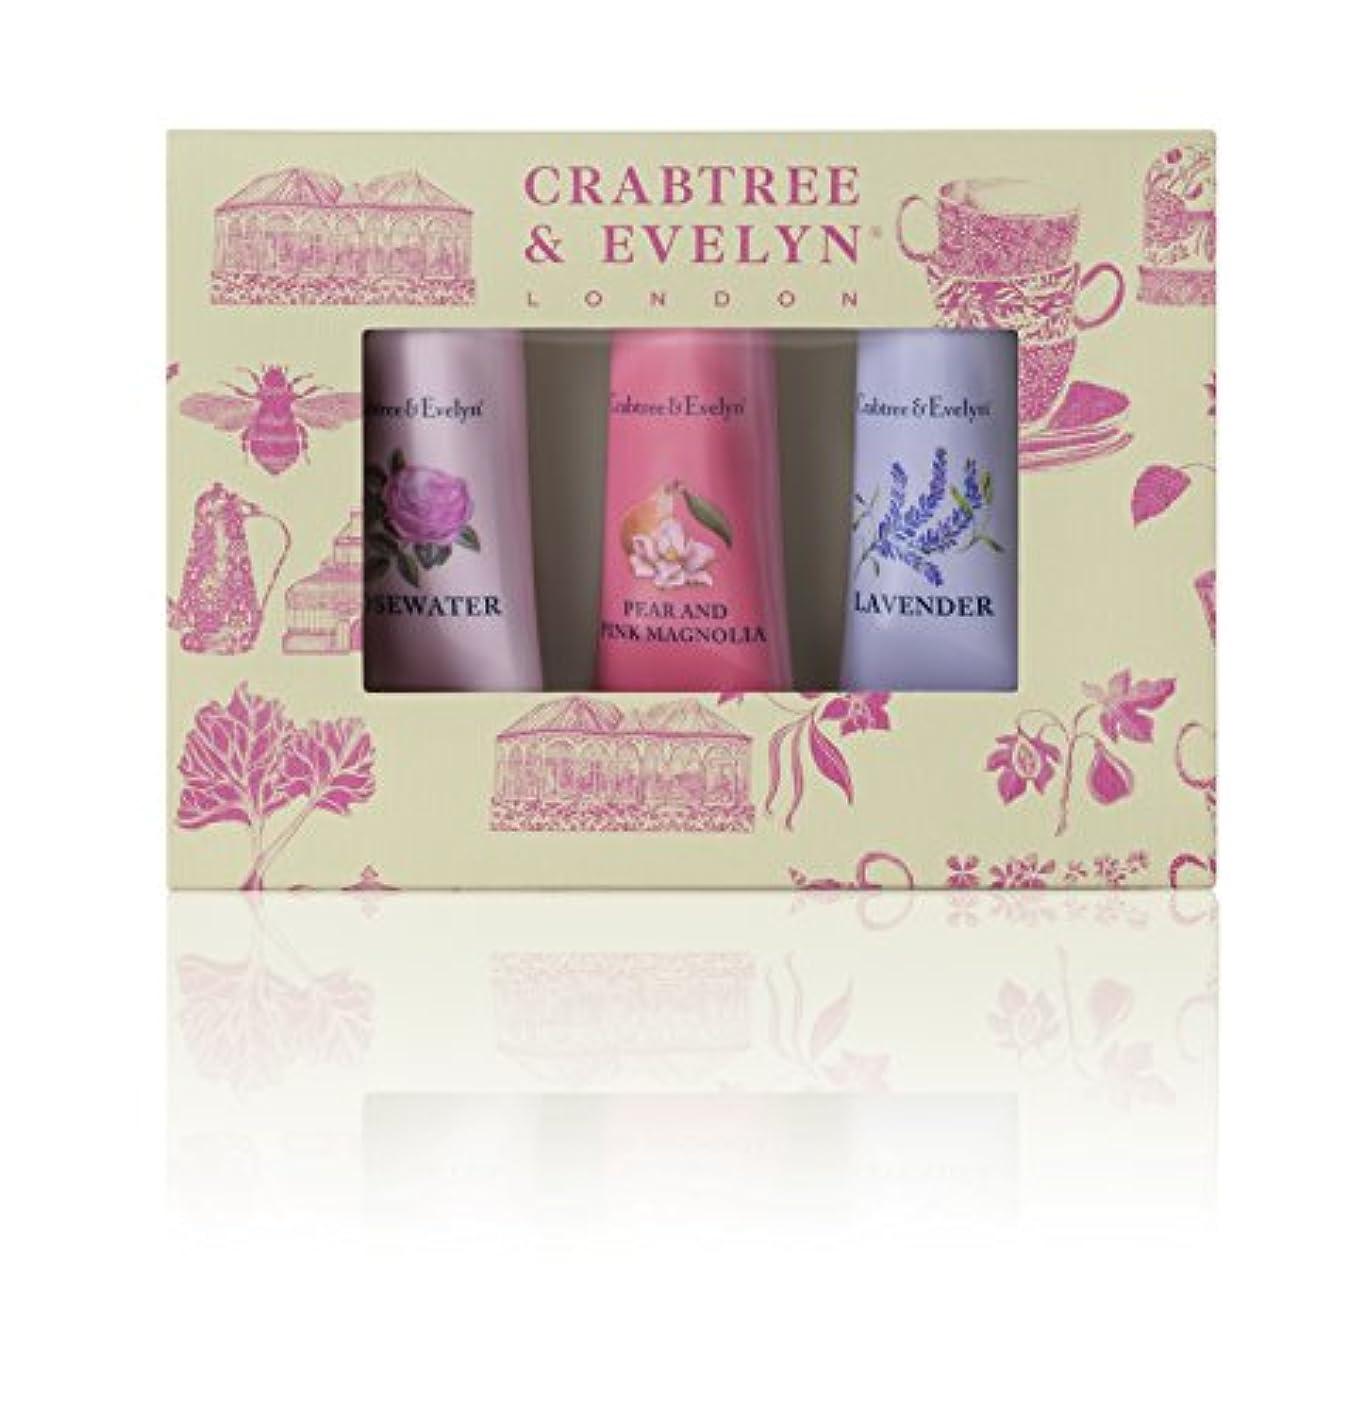 適合する翻訳者脈拍クラブツリー&イヴリン Florals Hand Therapy Set (1x Pear & Pink Magnolia, 1x Rosewater, 1x Lavender) 3x25g/0.9oz並行輸入品